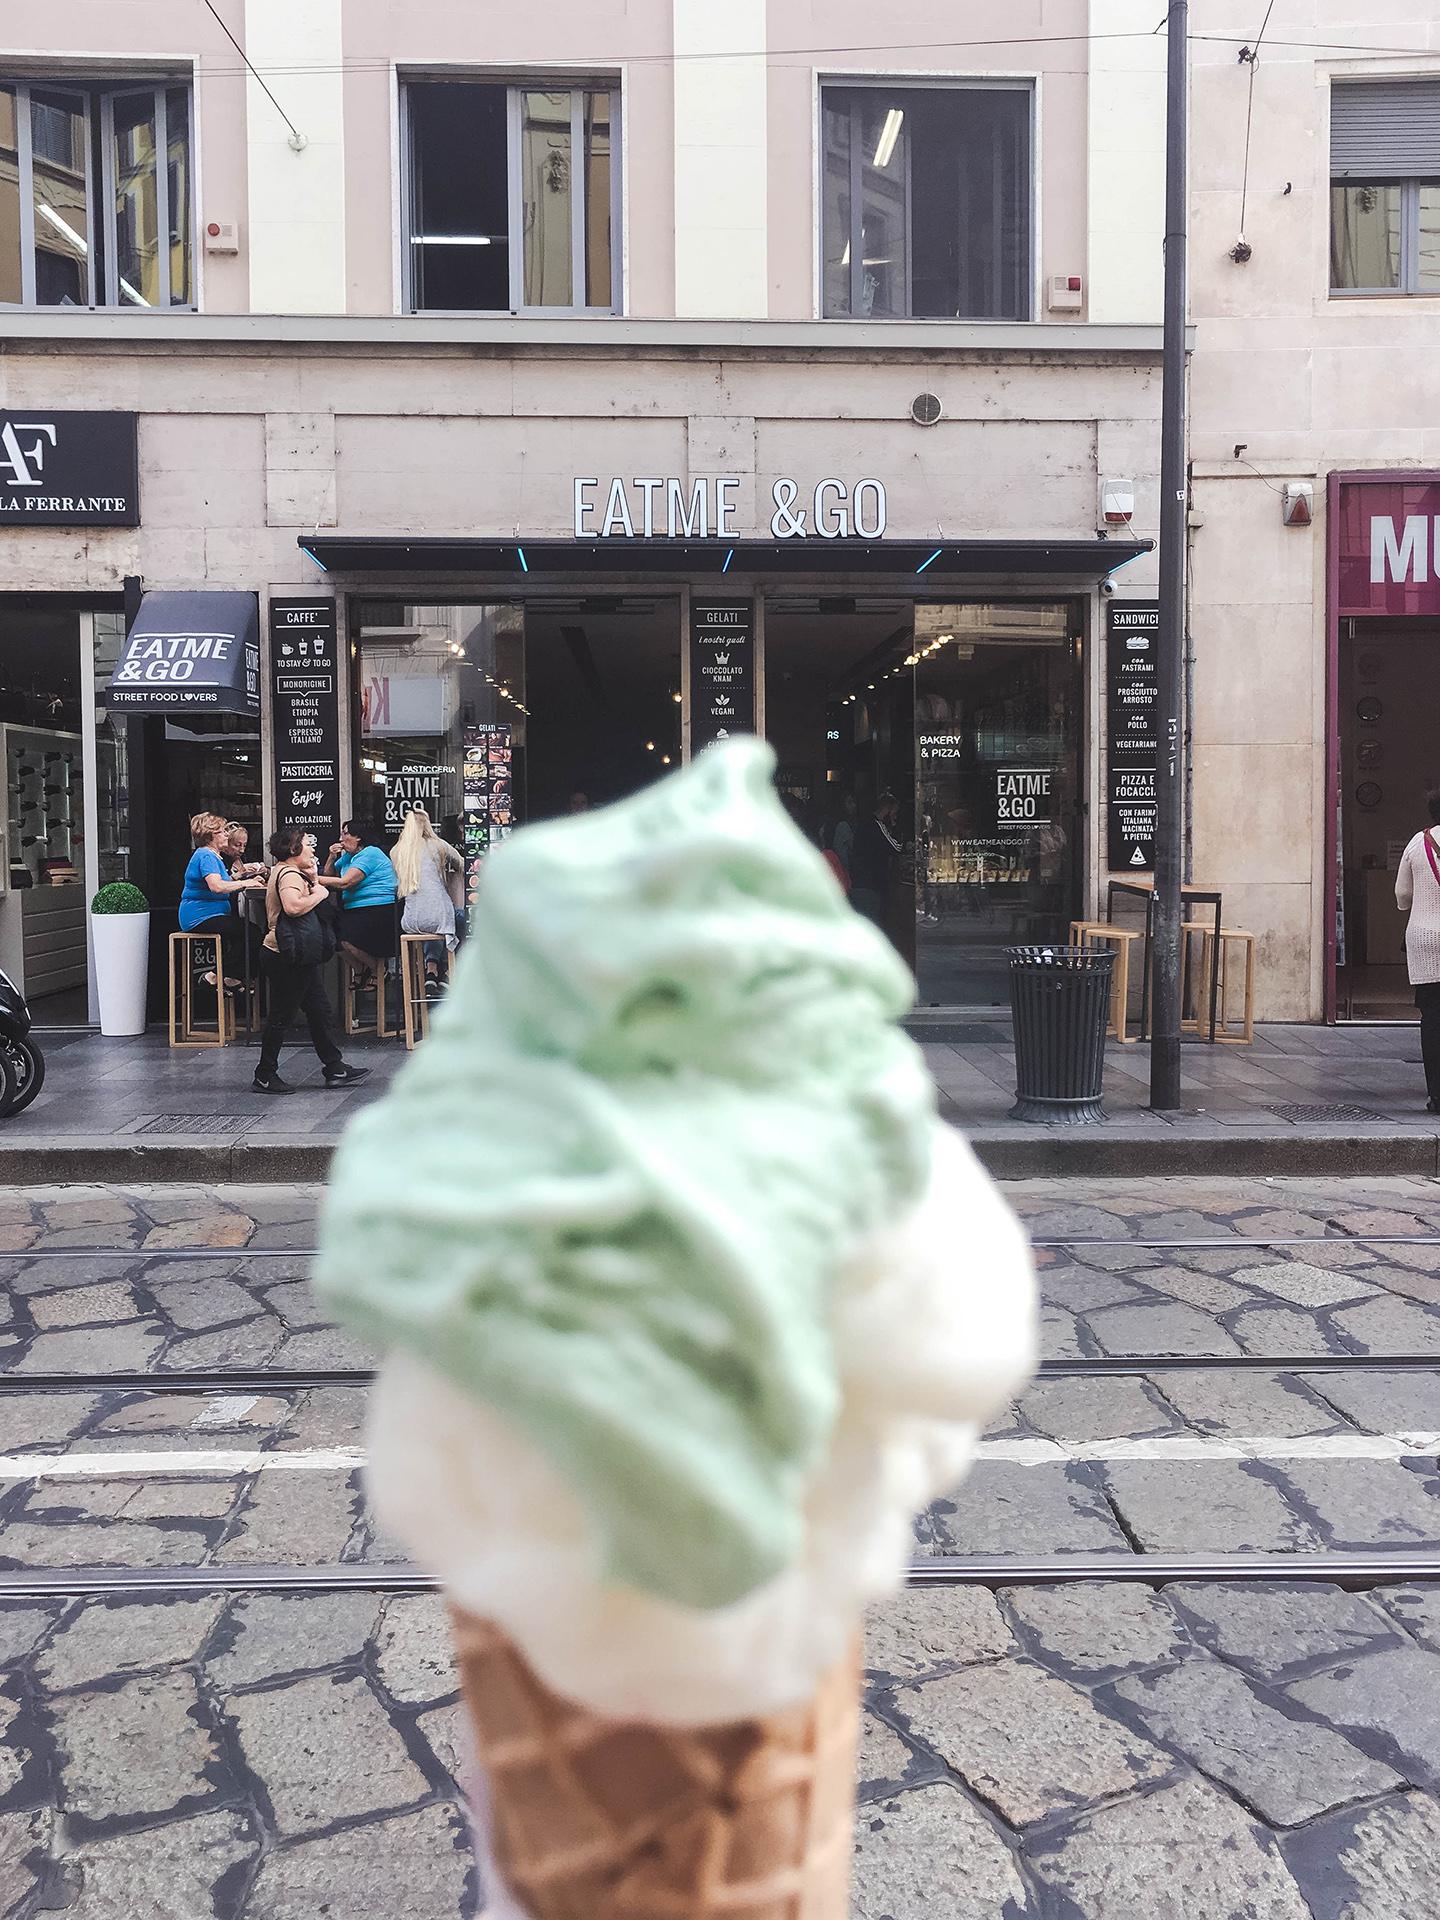 milan eatme&go gelato